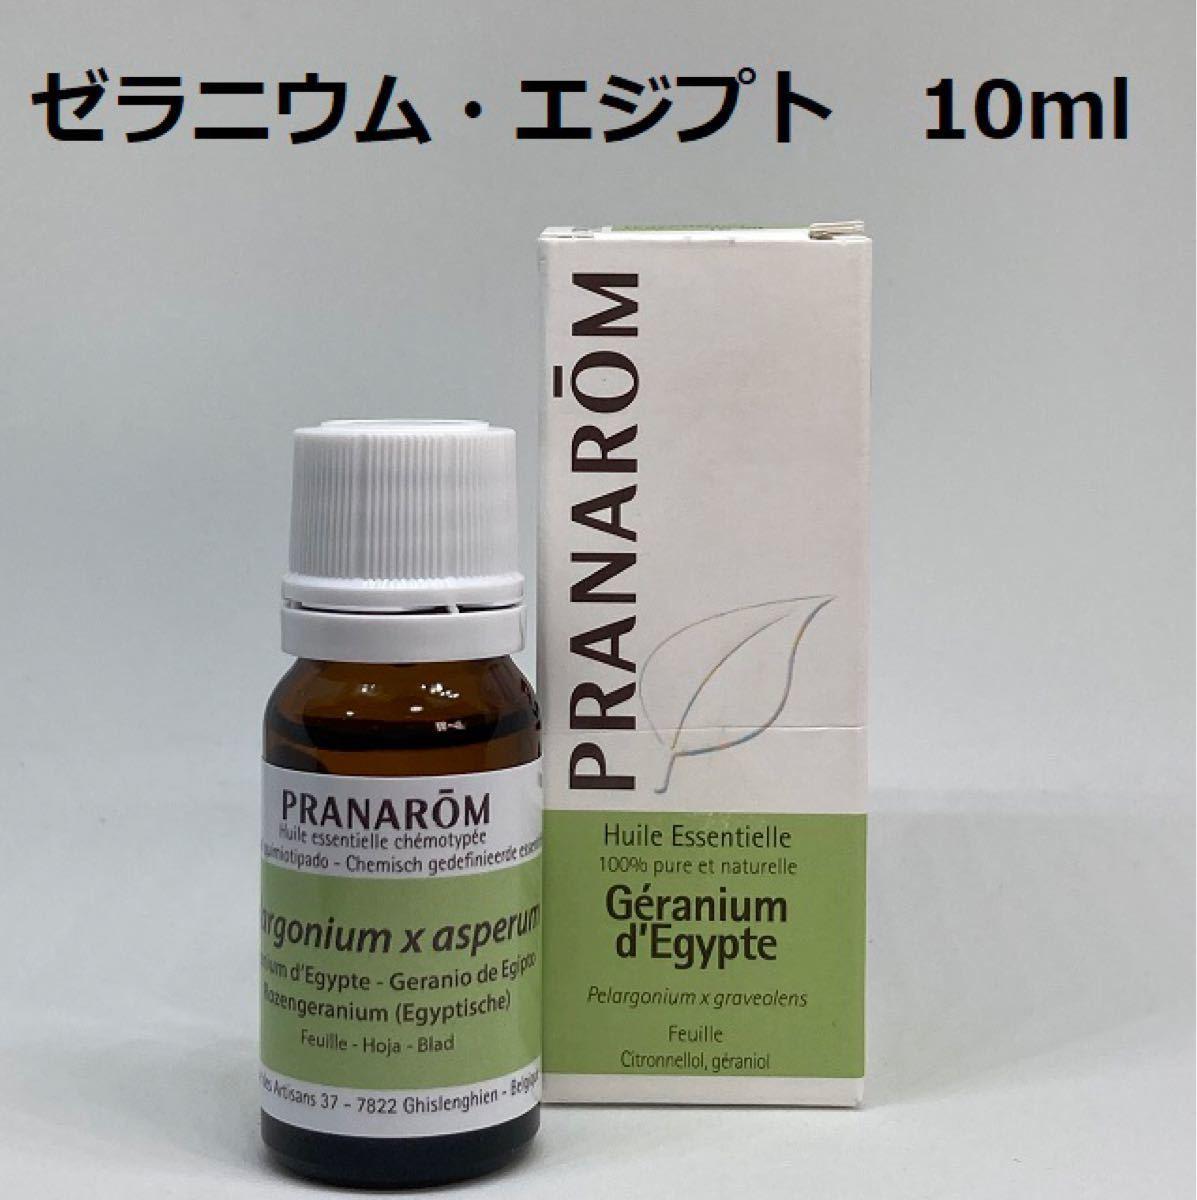 プラナロム ゼラニウム エジプト 10ml 精油 PRANAROM アロマ